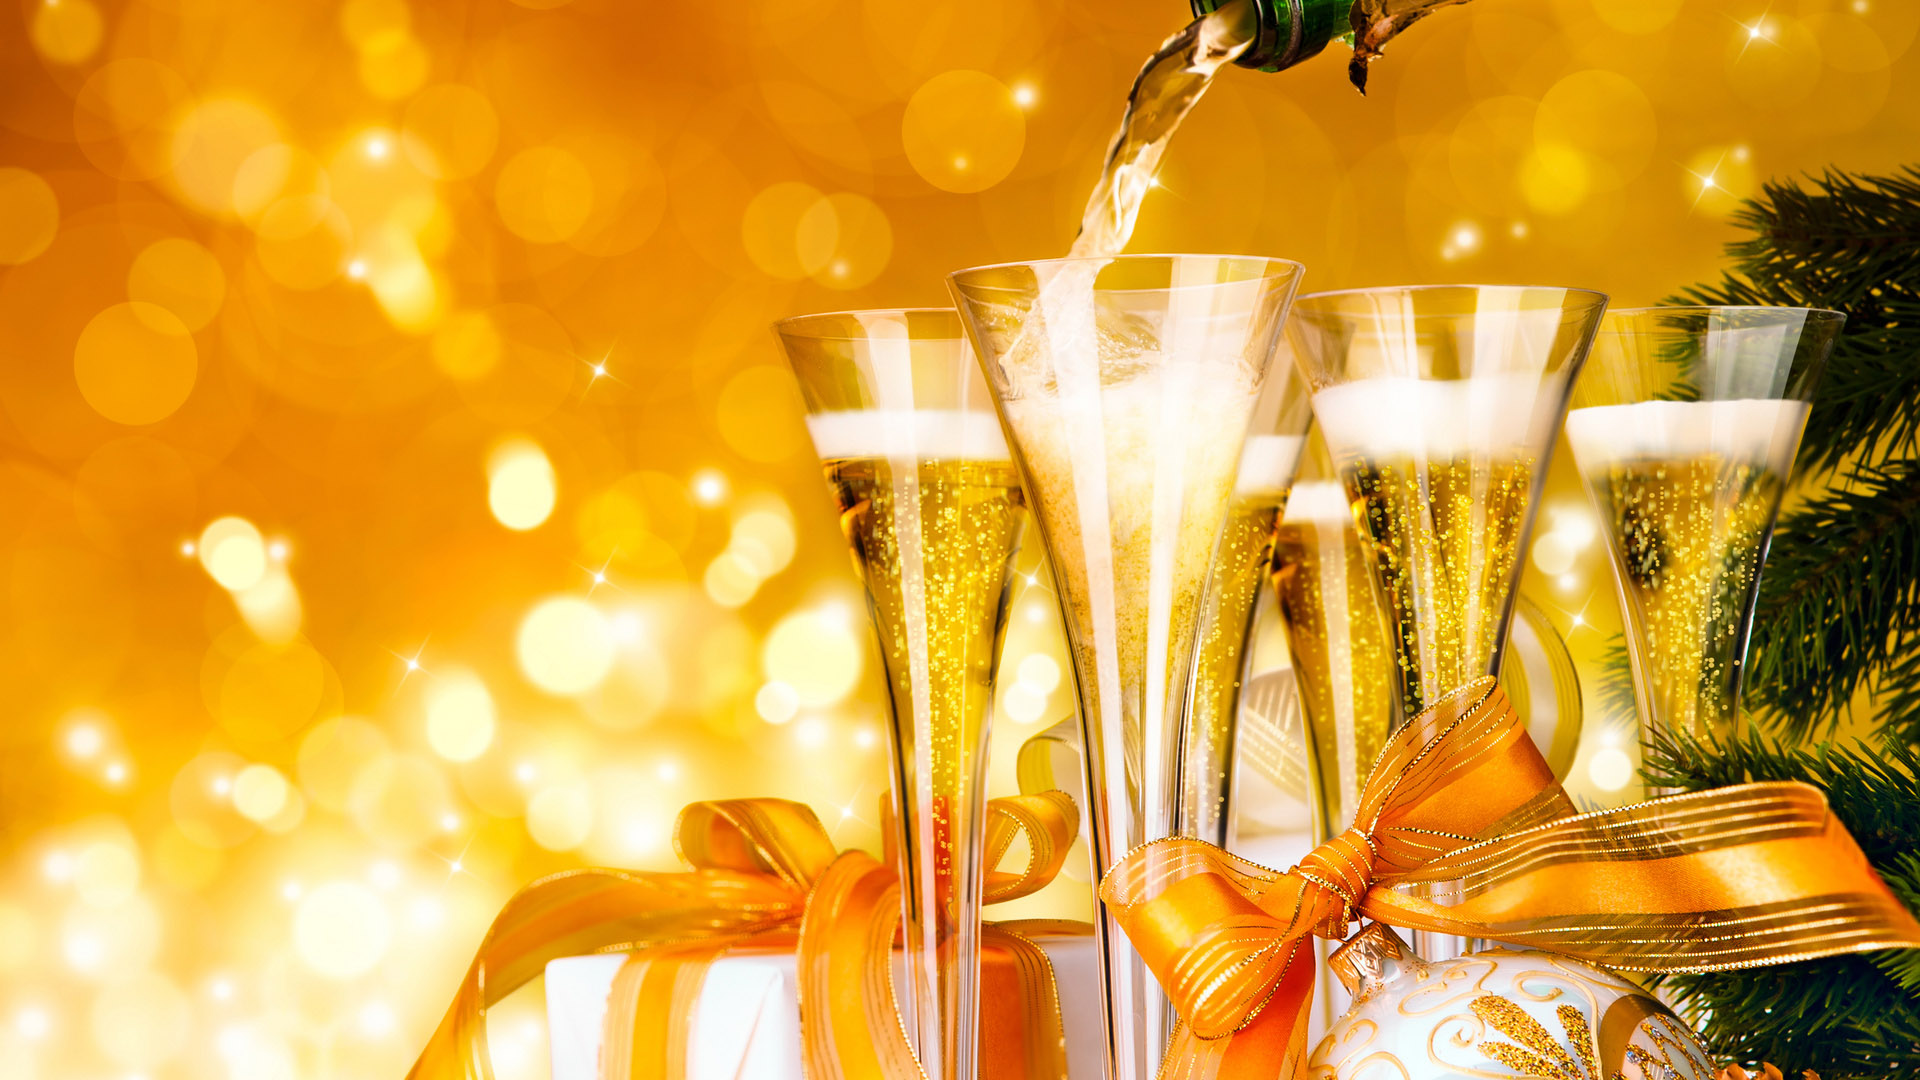 новый год, фужеры, шампанское, без регистрации